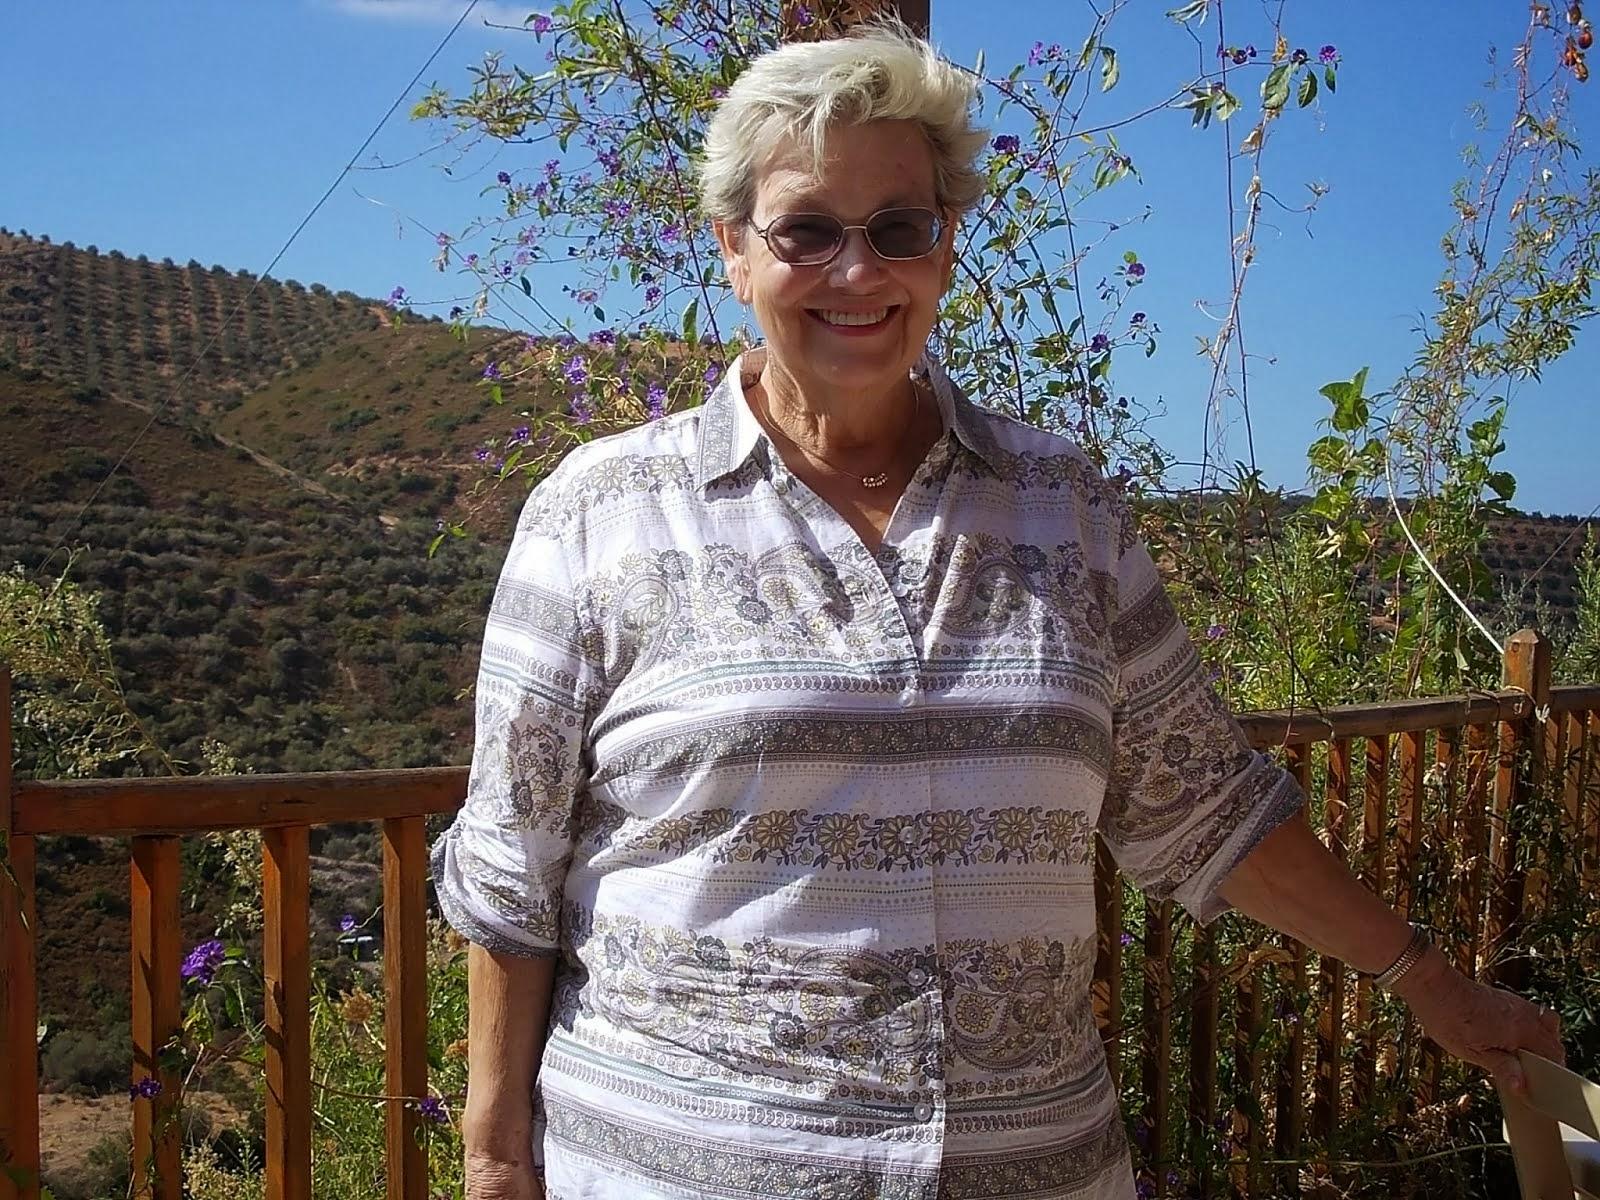 In memory of my mother, Linda Sue Klahr, 1941-2013